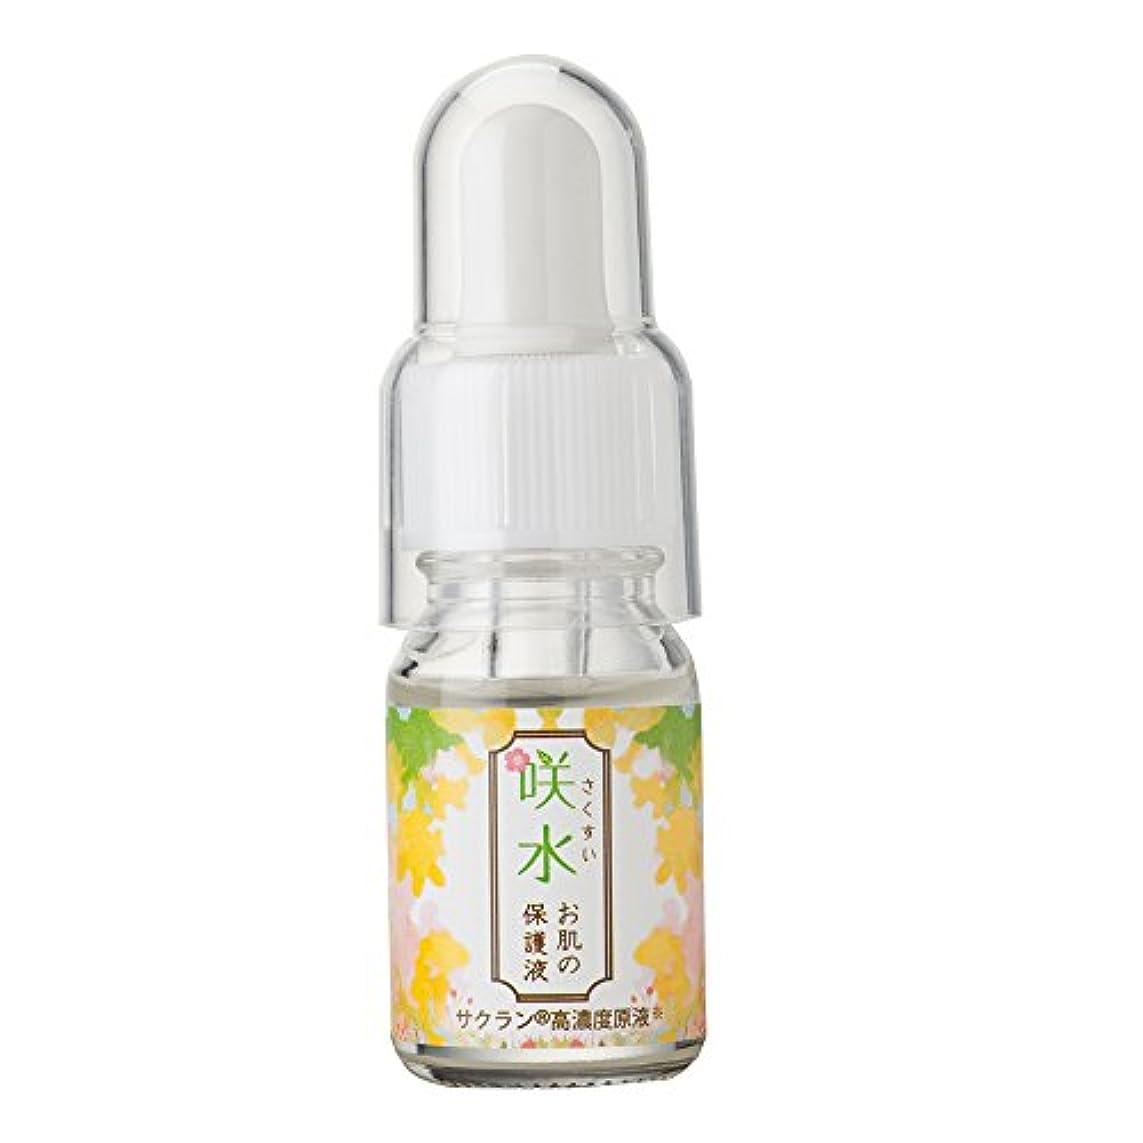 こどもセンターピグマリオンコーチ咲水お肌の保護液 10ml  保湿 美容液 顔 スイセンジノリ サクラン リバテープ製薬公式